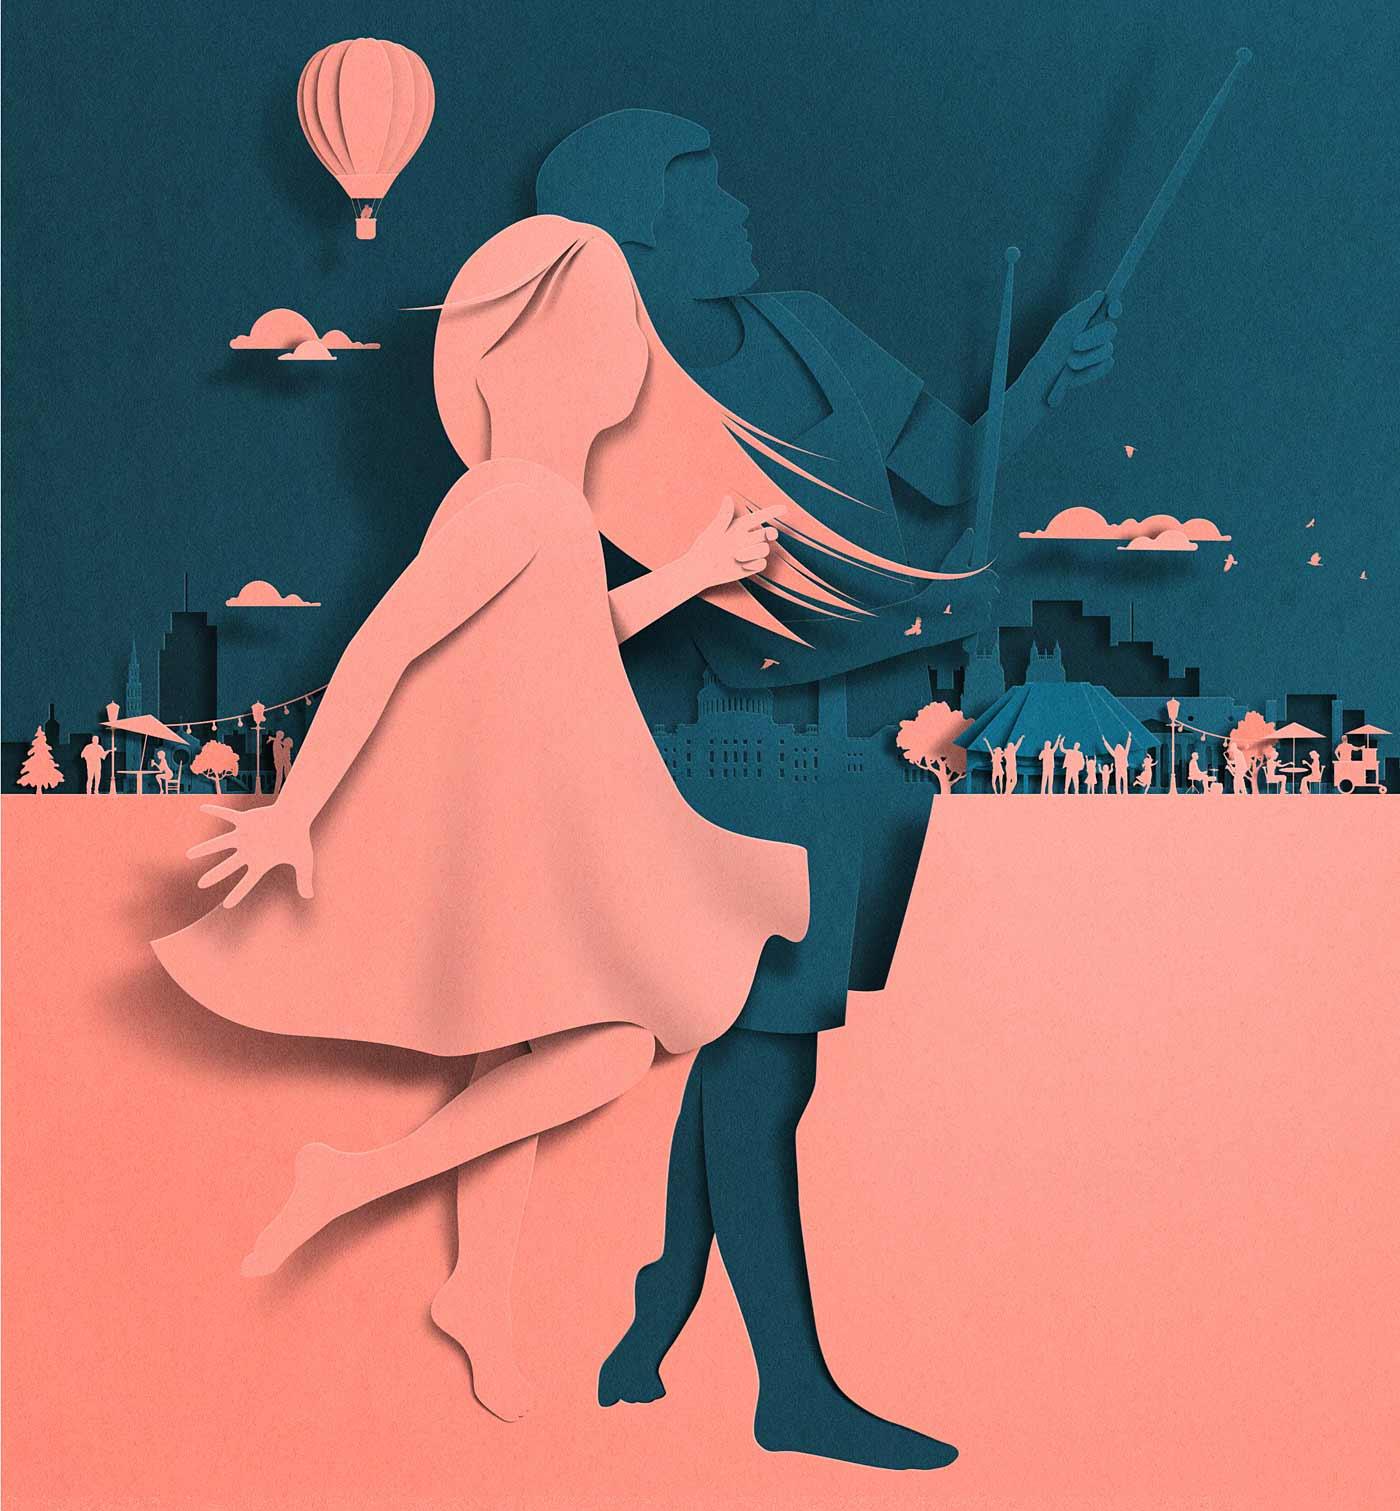 Neue papiergleiche Illustrationen von Eiko Ojala Eiko-Ojala_papierillustrationen_2019_01